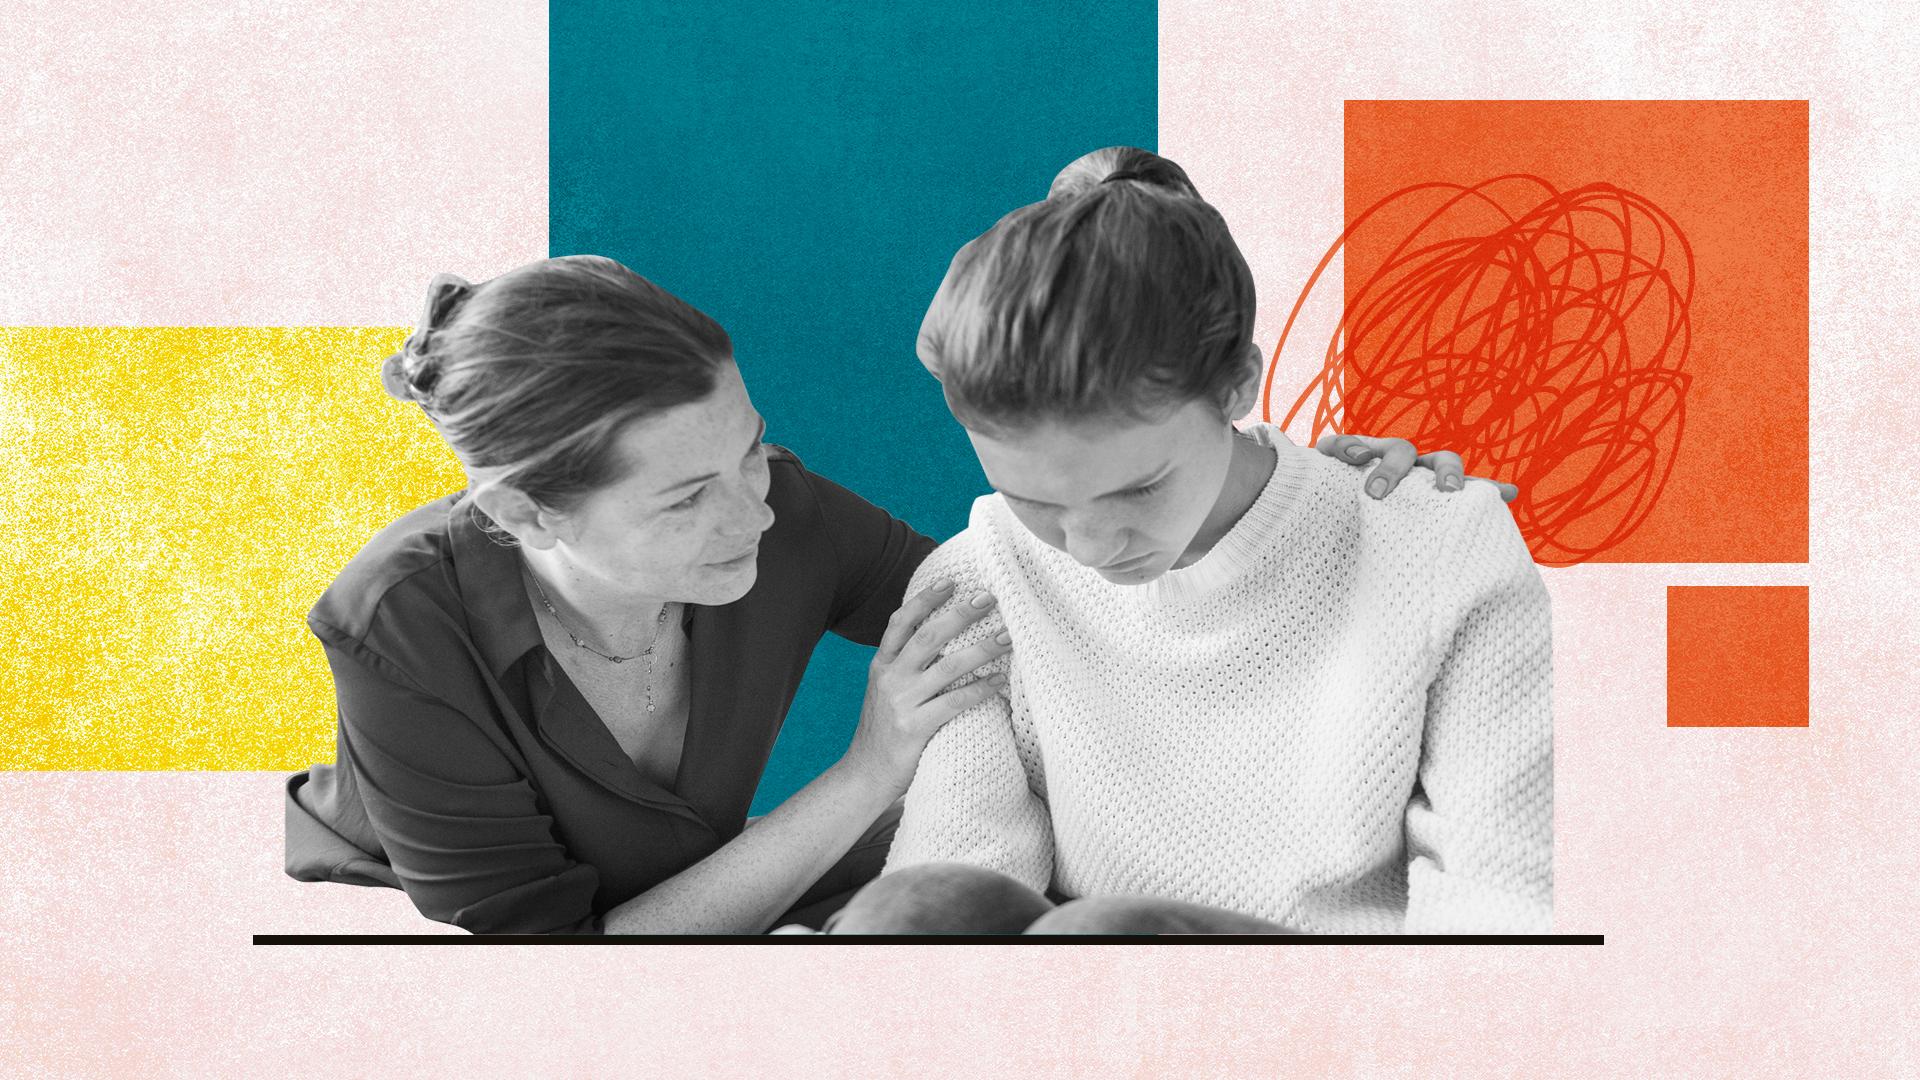 Una guía recopila buenas prácticas para abordar y prevenir el suicidio y las autolesiones en adolescentes